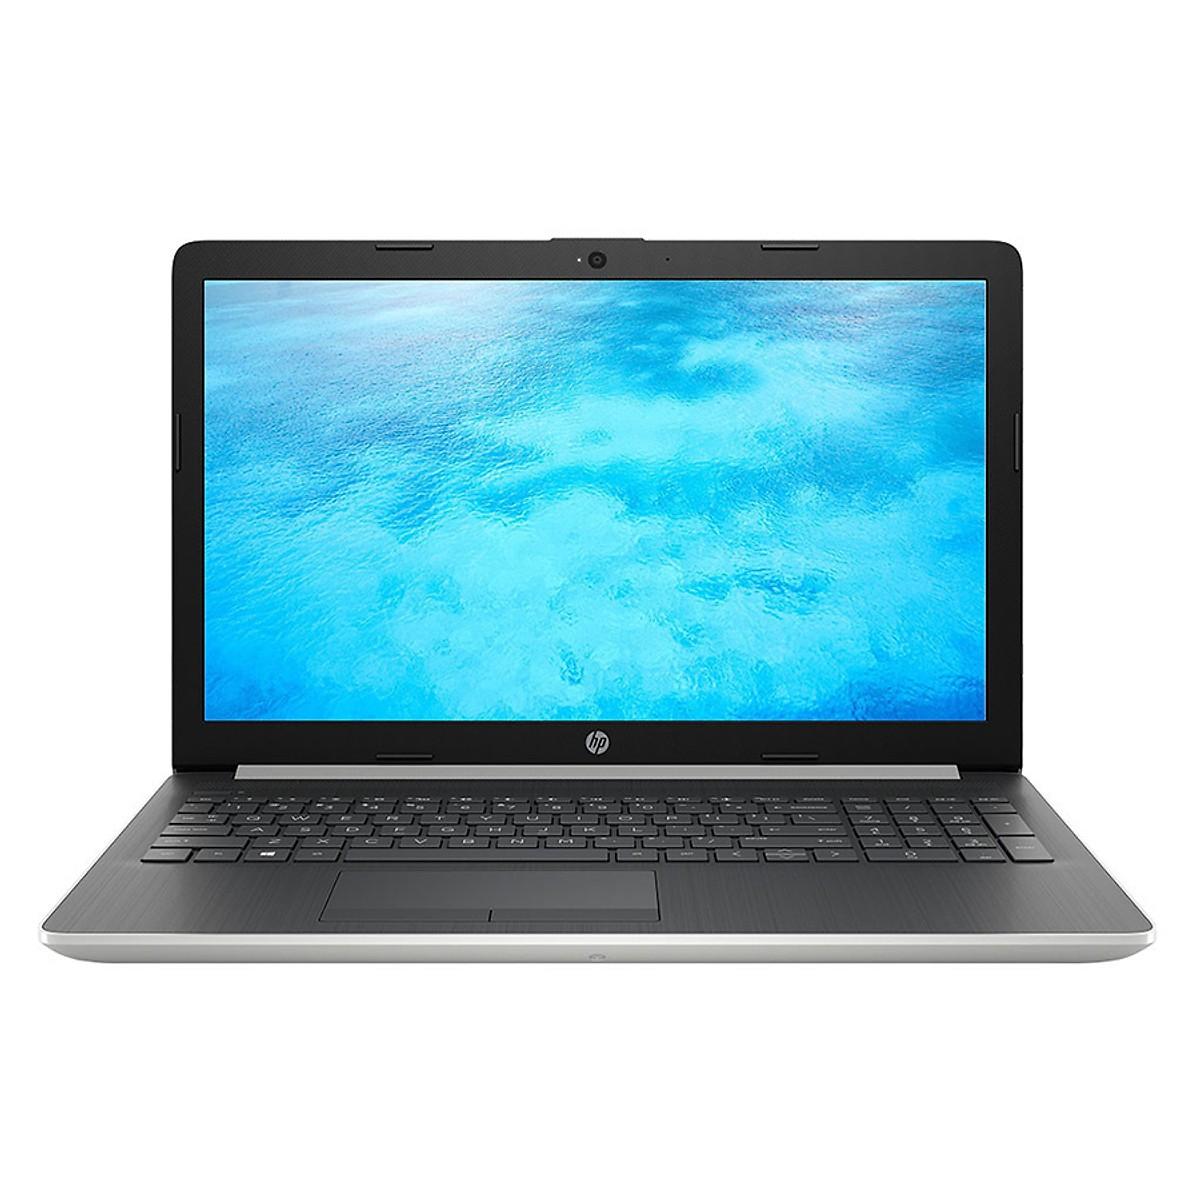 Laptop HP 15-da0051TU 4ME64PA (i3-7020U/4Gb/500Gb HDD/15.6/VGA ON/DVDSM/Win10/Silver)